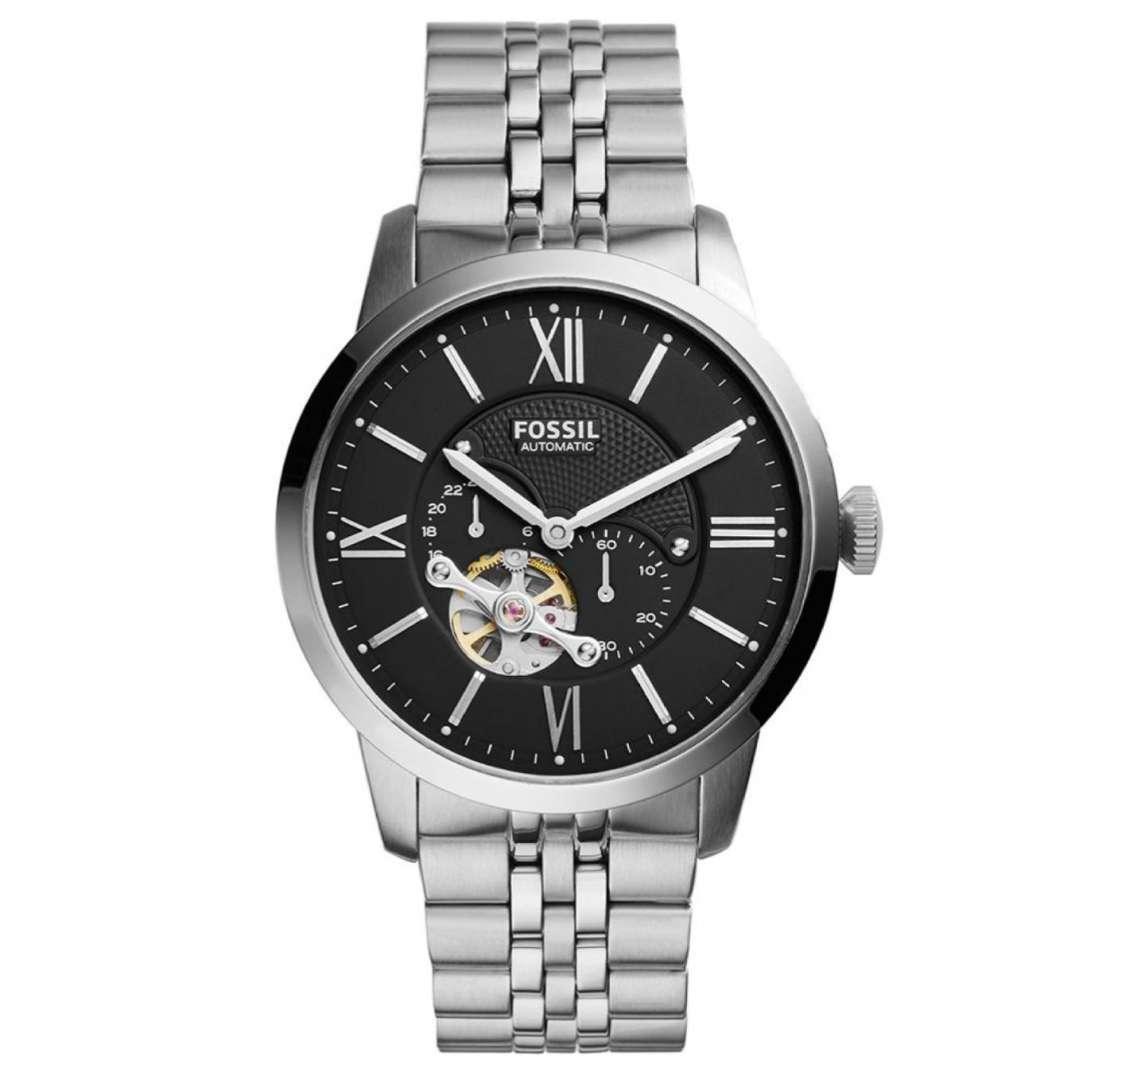 שעון יד אנלוגי fossil me3107 פוסיל